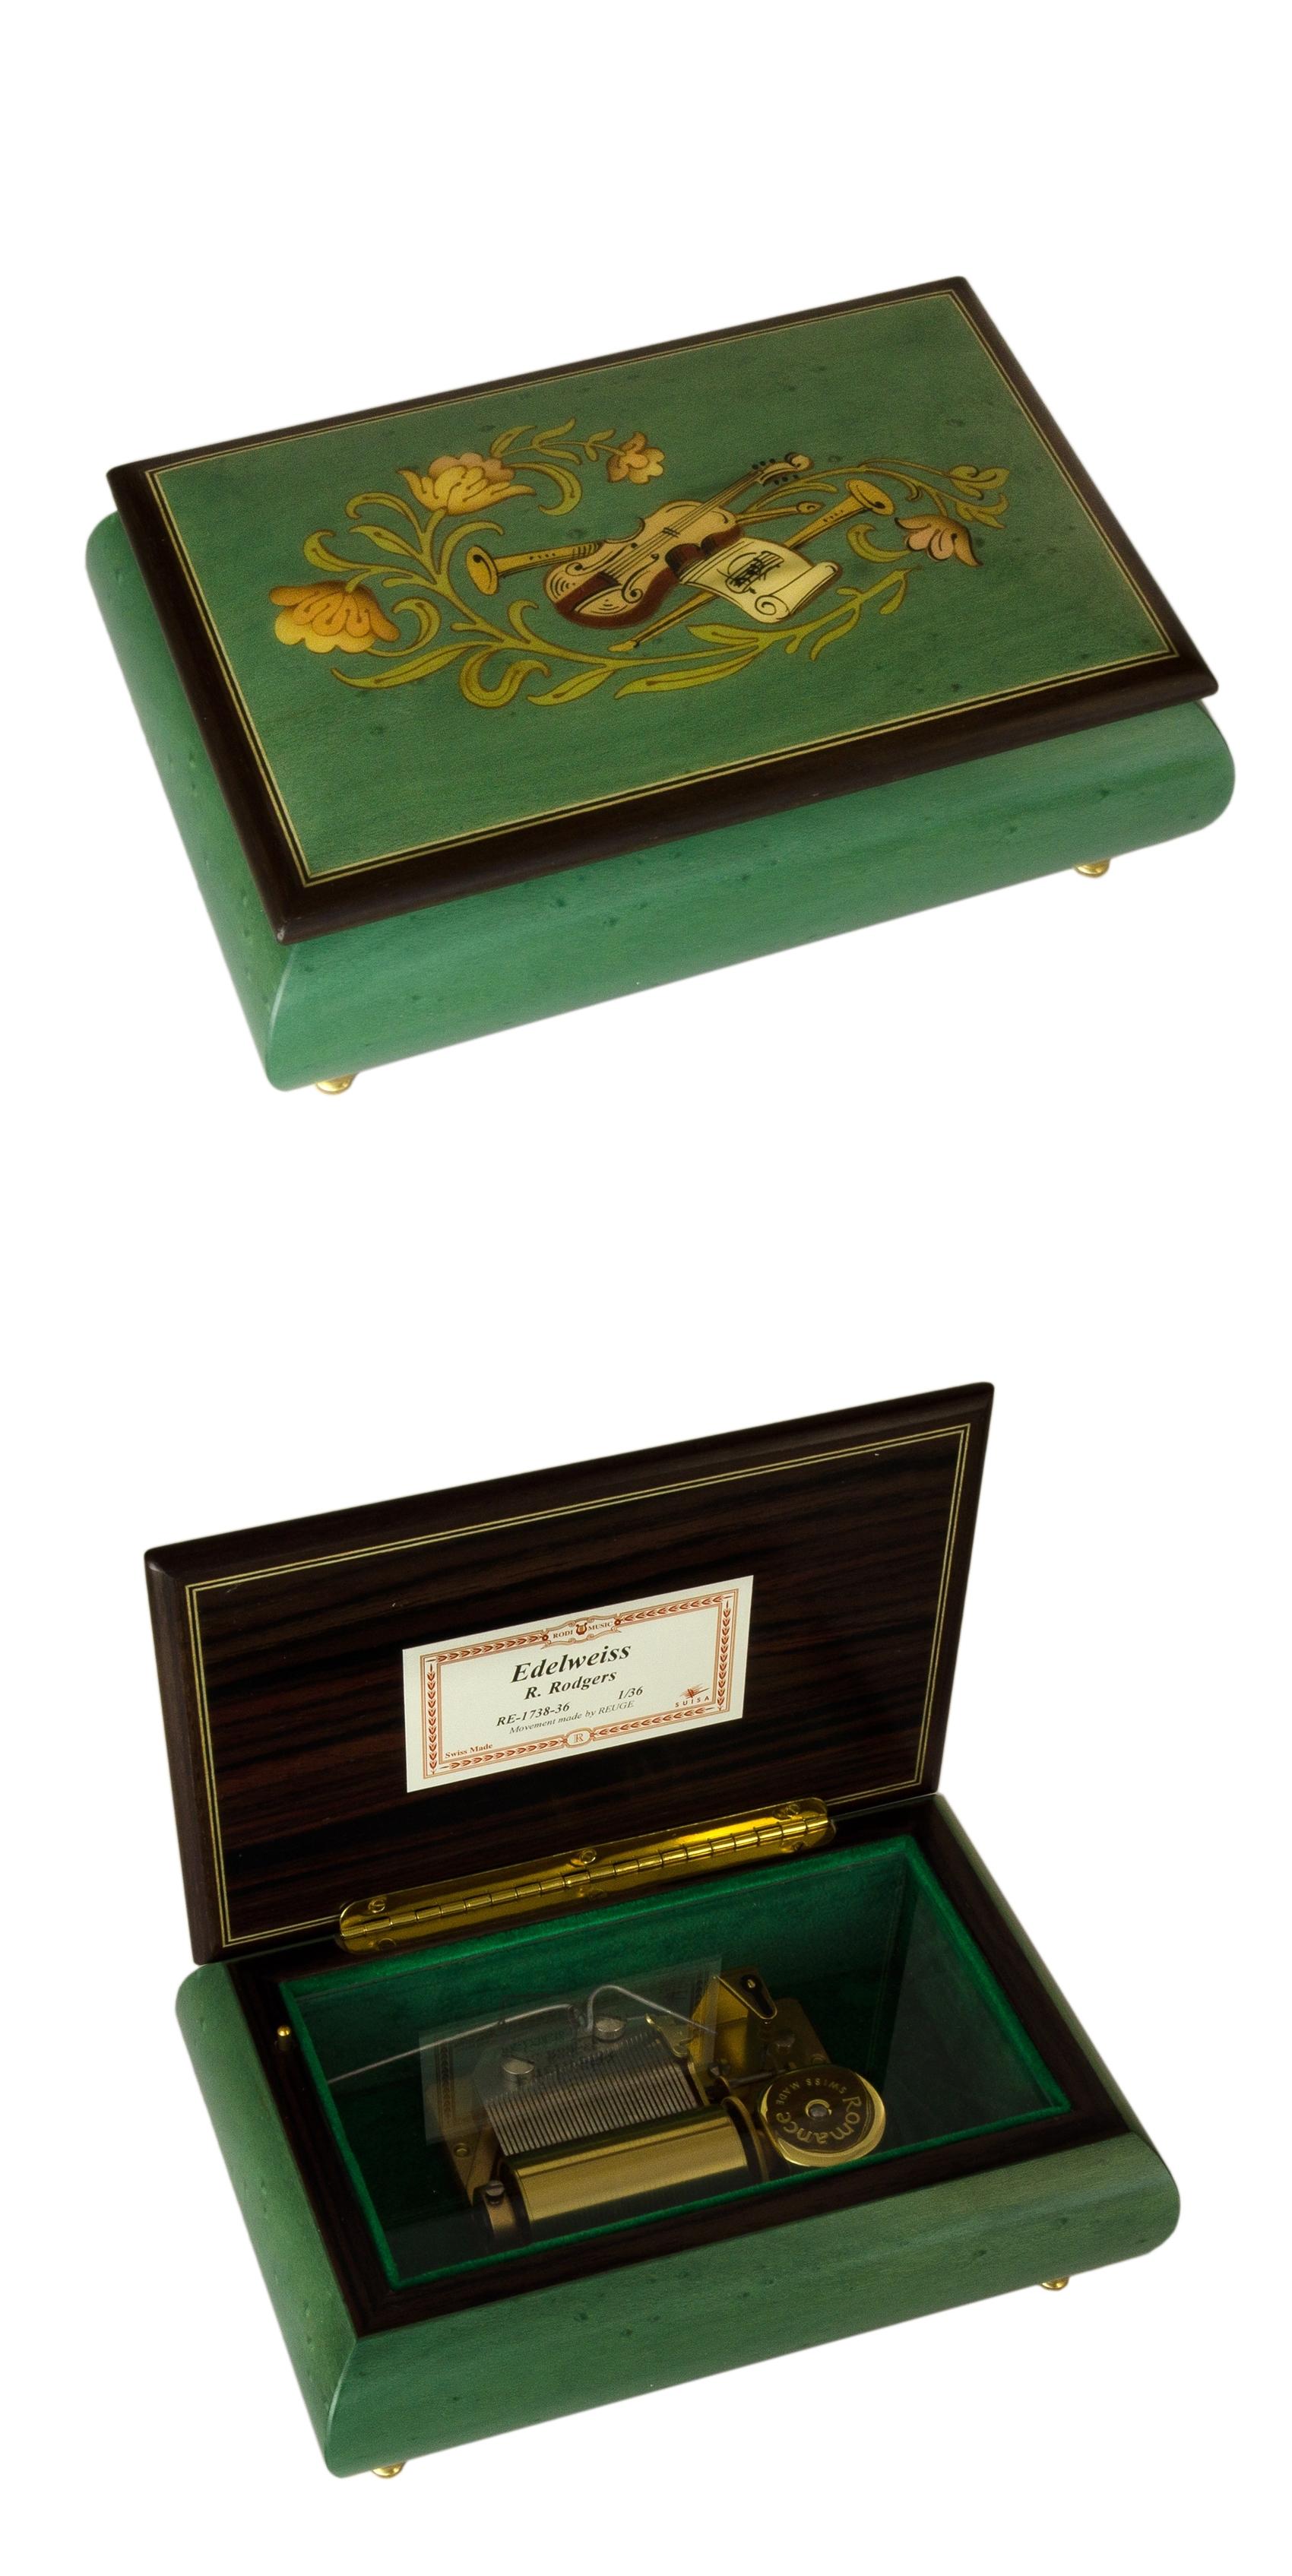 Rodi 1636cvo07 Green Rodi Music Box Souvenir Amp More